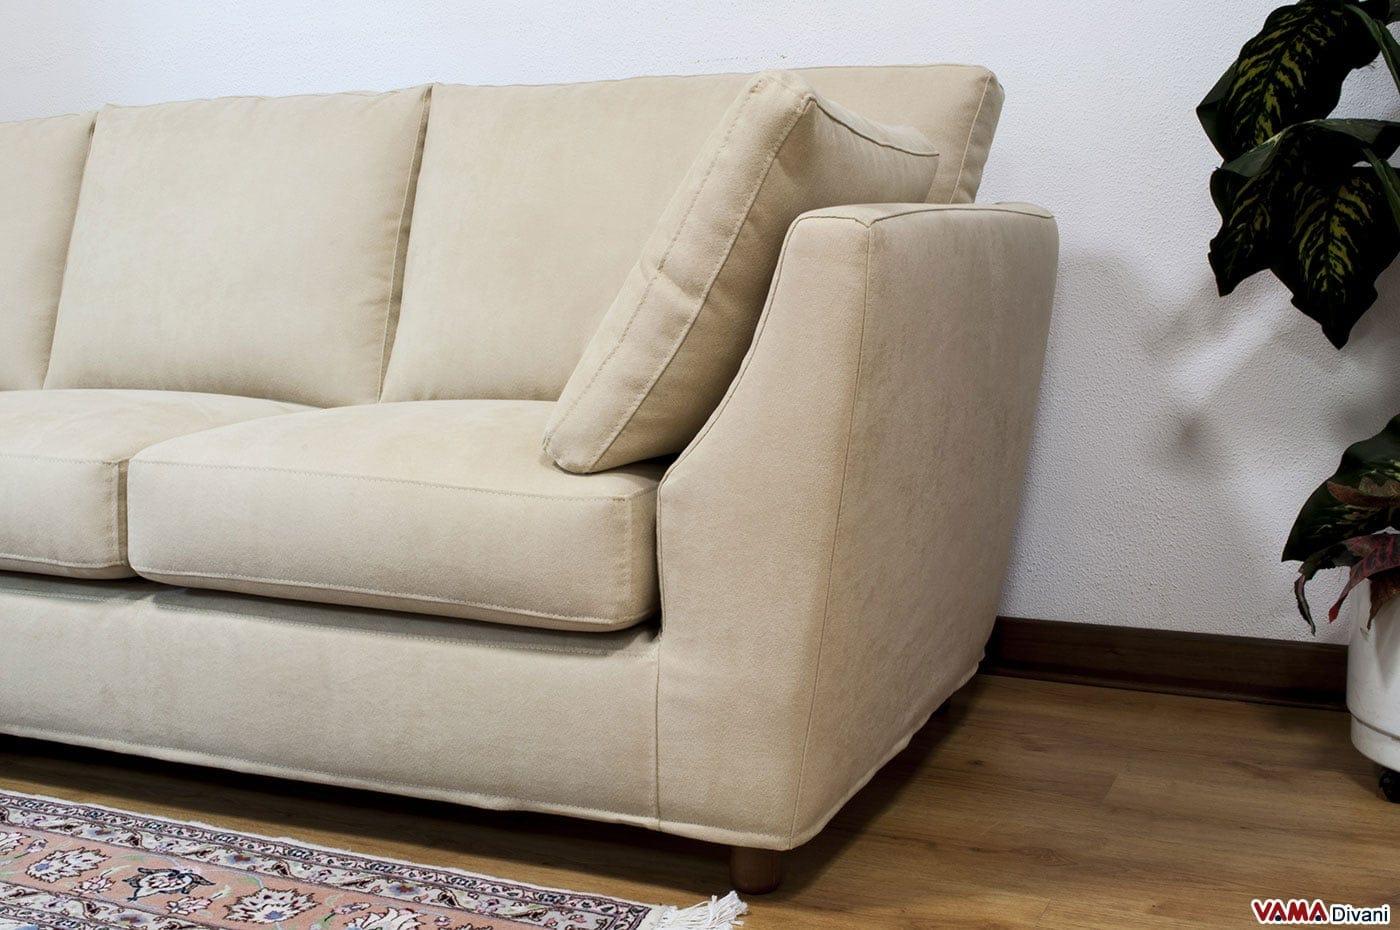 Divano angolare piccolo vama divani - Piccolo divano angolare ...